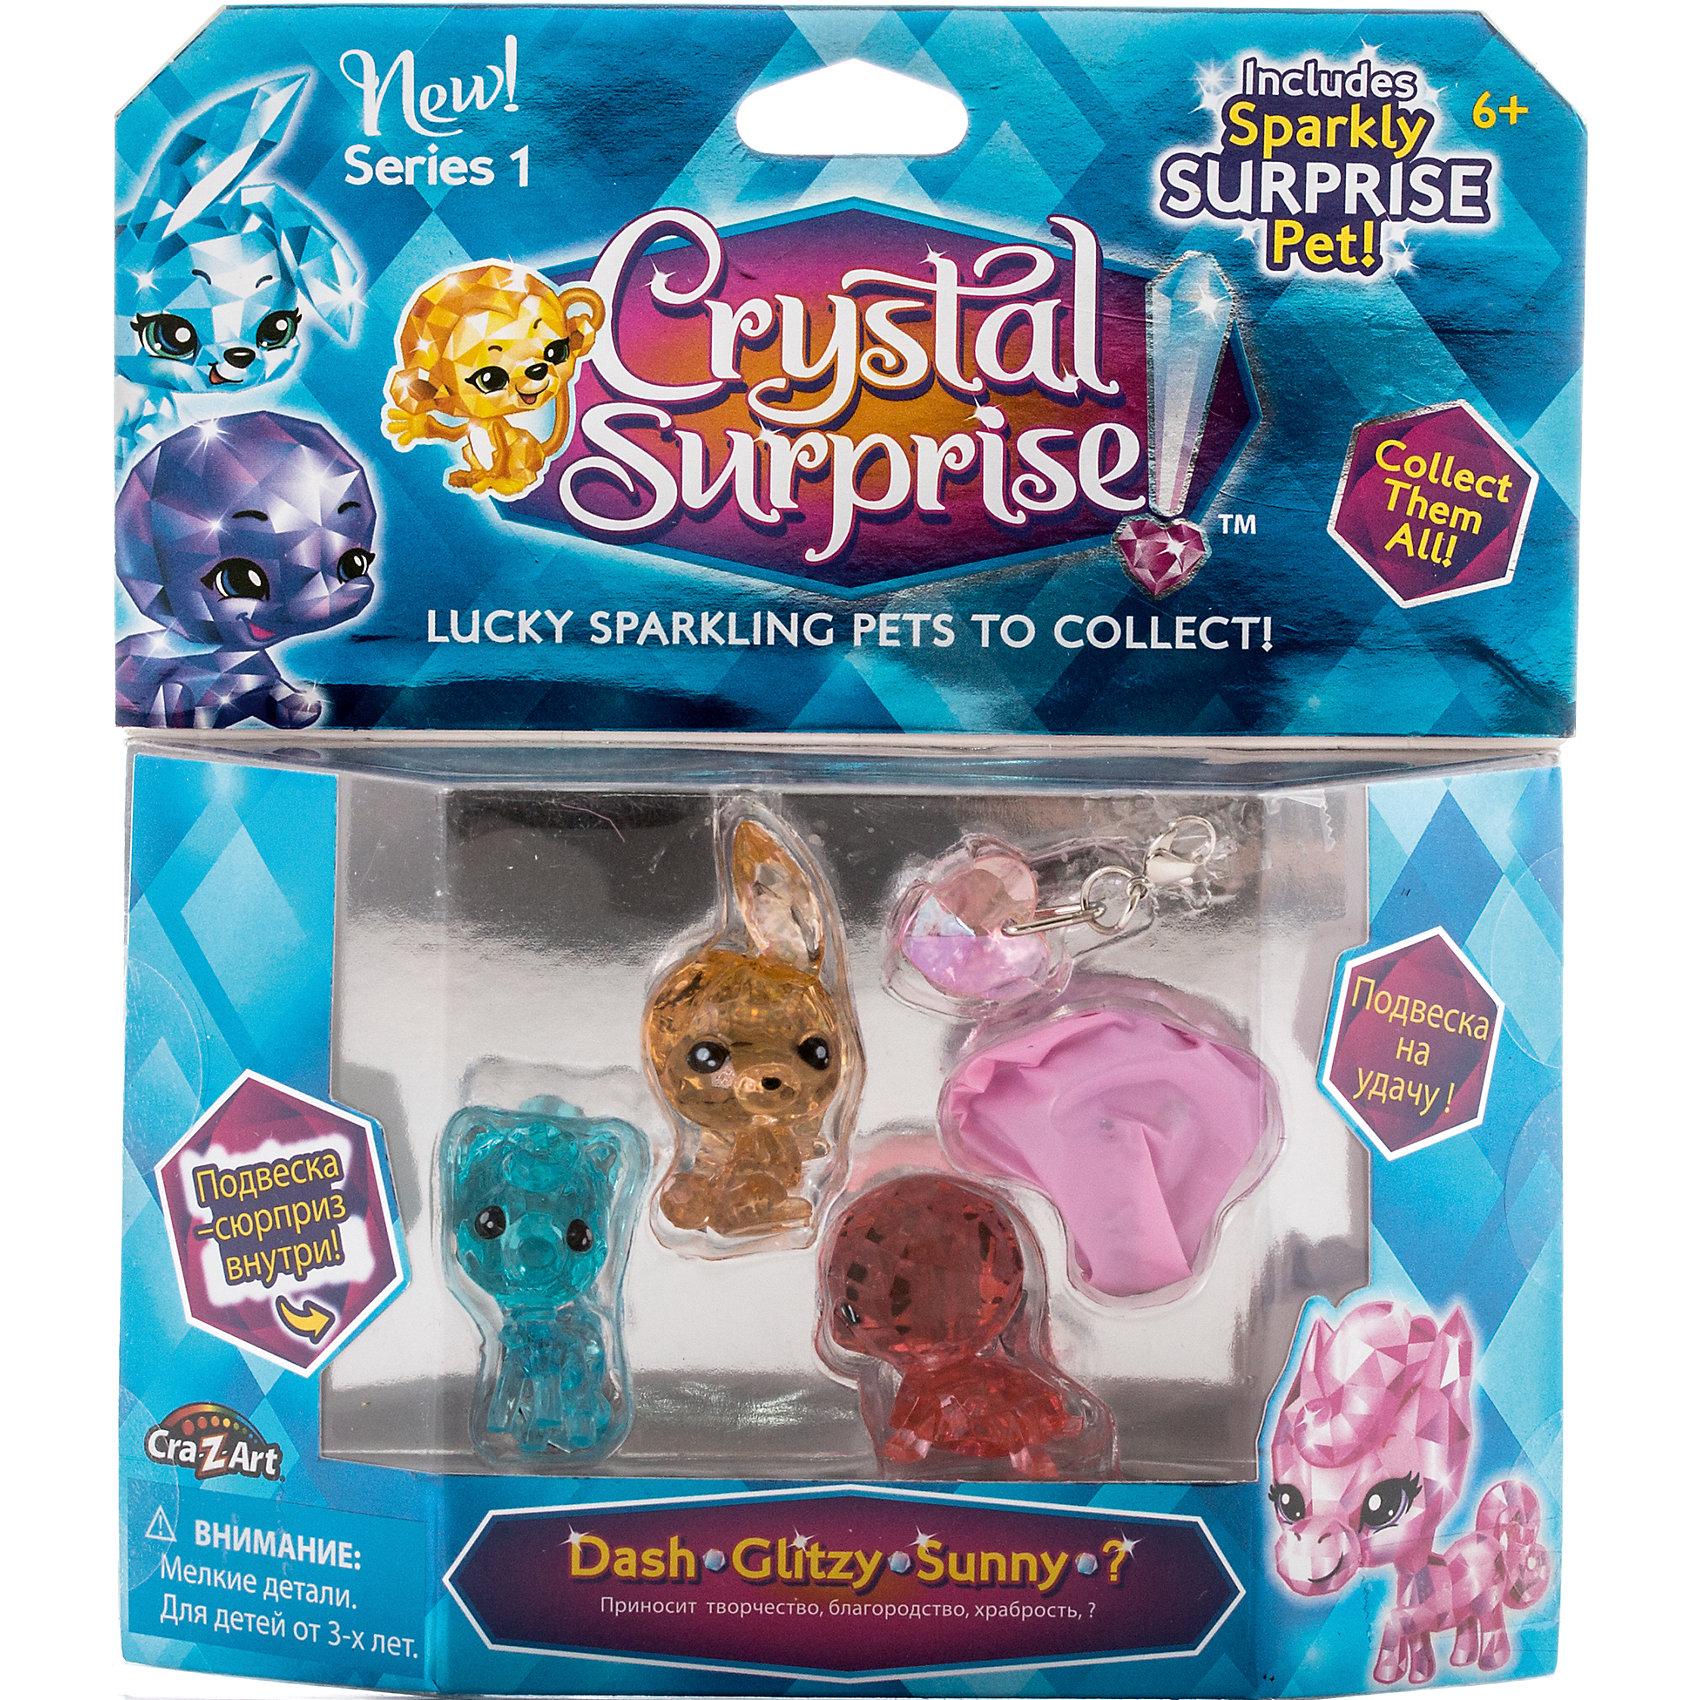 Игровой набор 1 - 4 фигурки, Crystal SurpriseПопулярные игрушки<br>Набор фигурок талисманов Crystal Surprise. В каждой упаковке - 4 кристальные фигурки, одна из которых скрыта и станет сюрпризом. Также, в комплект входит 2 стильные подвески для девочек, которыми можно украсить свой браслет или использовать в качестве брелка.<br><br>В ассортименте несколько наборов с разными фигурками.<br><br>Каждая фигурка Crystal Surprise - искрящийся на солнце талисман. Эти волшебные зверьки будто сияют магией! Кристальные фигурки выполнены из высококачественного прозрачного пластика. У каждого зверька свой цвет и своя, особенная, история.<br><br>Ширина мм: 170<br>Глубина мм: 190<br>Высота мм: 30<br>Вес г: 105<br>Возраст от месяцев: 36<br>Возраст до месяцев: 192<br>Пол: Женский<br>Возраст: Детский<br>SKU: 4663713